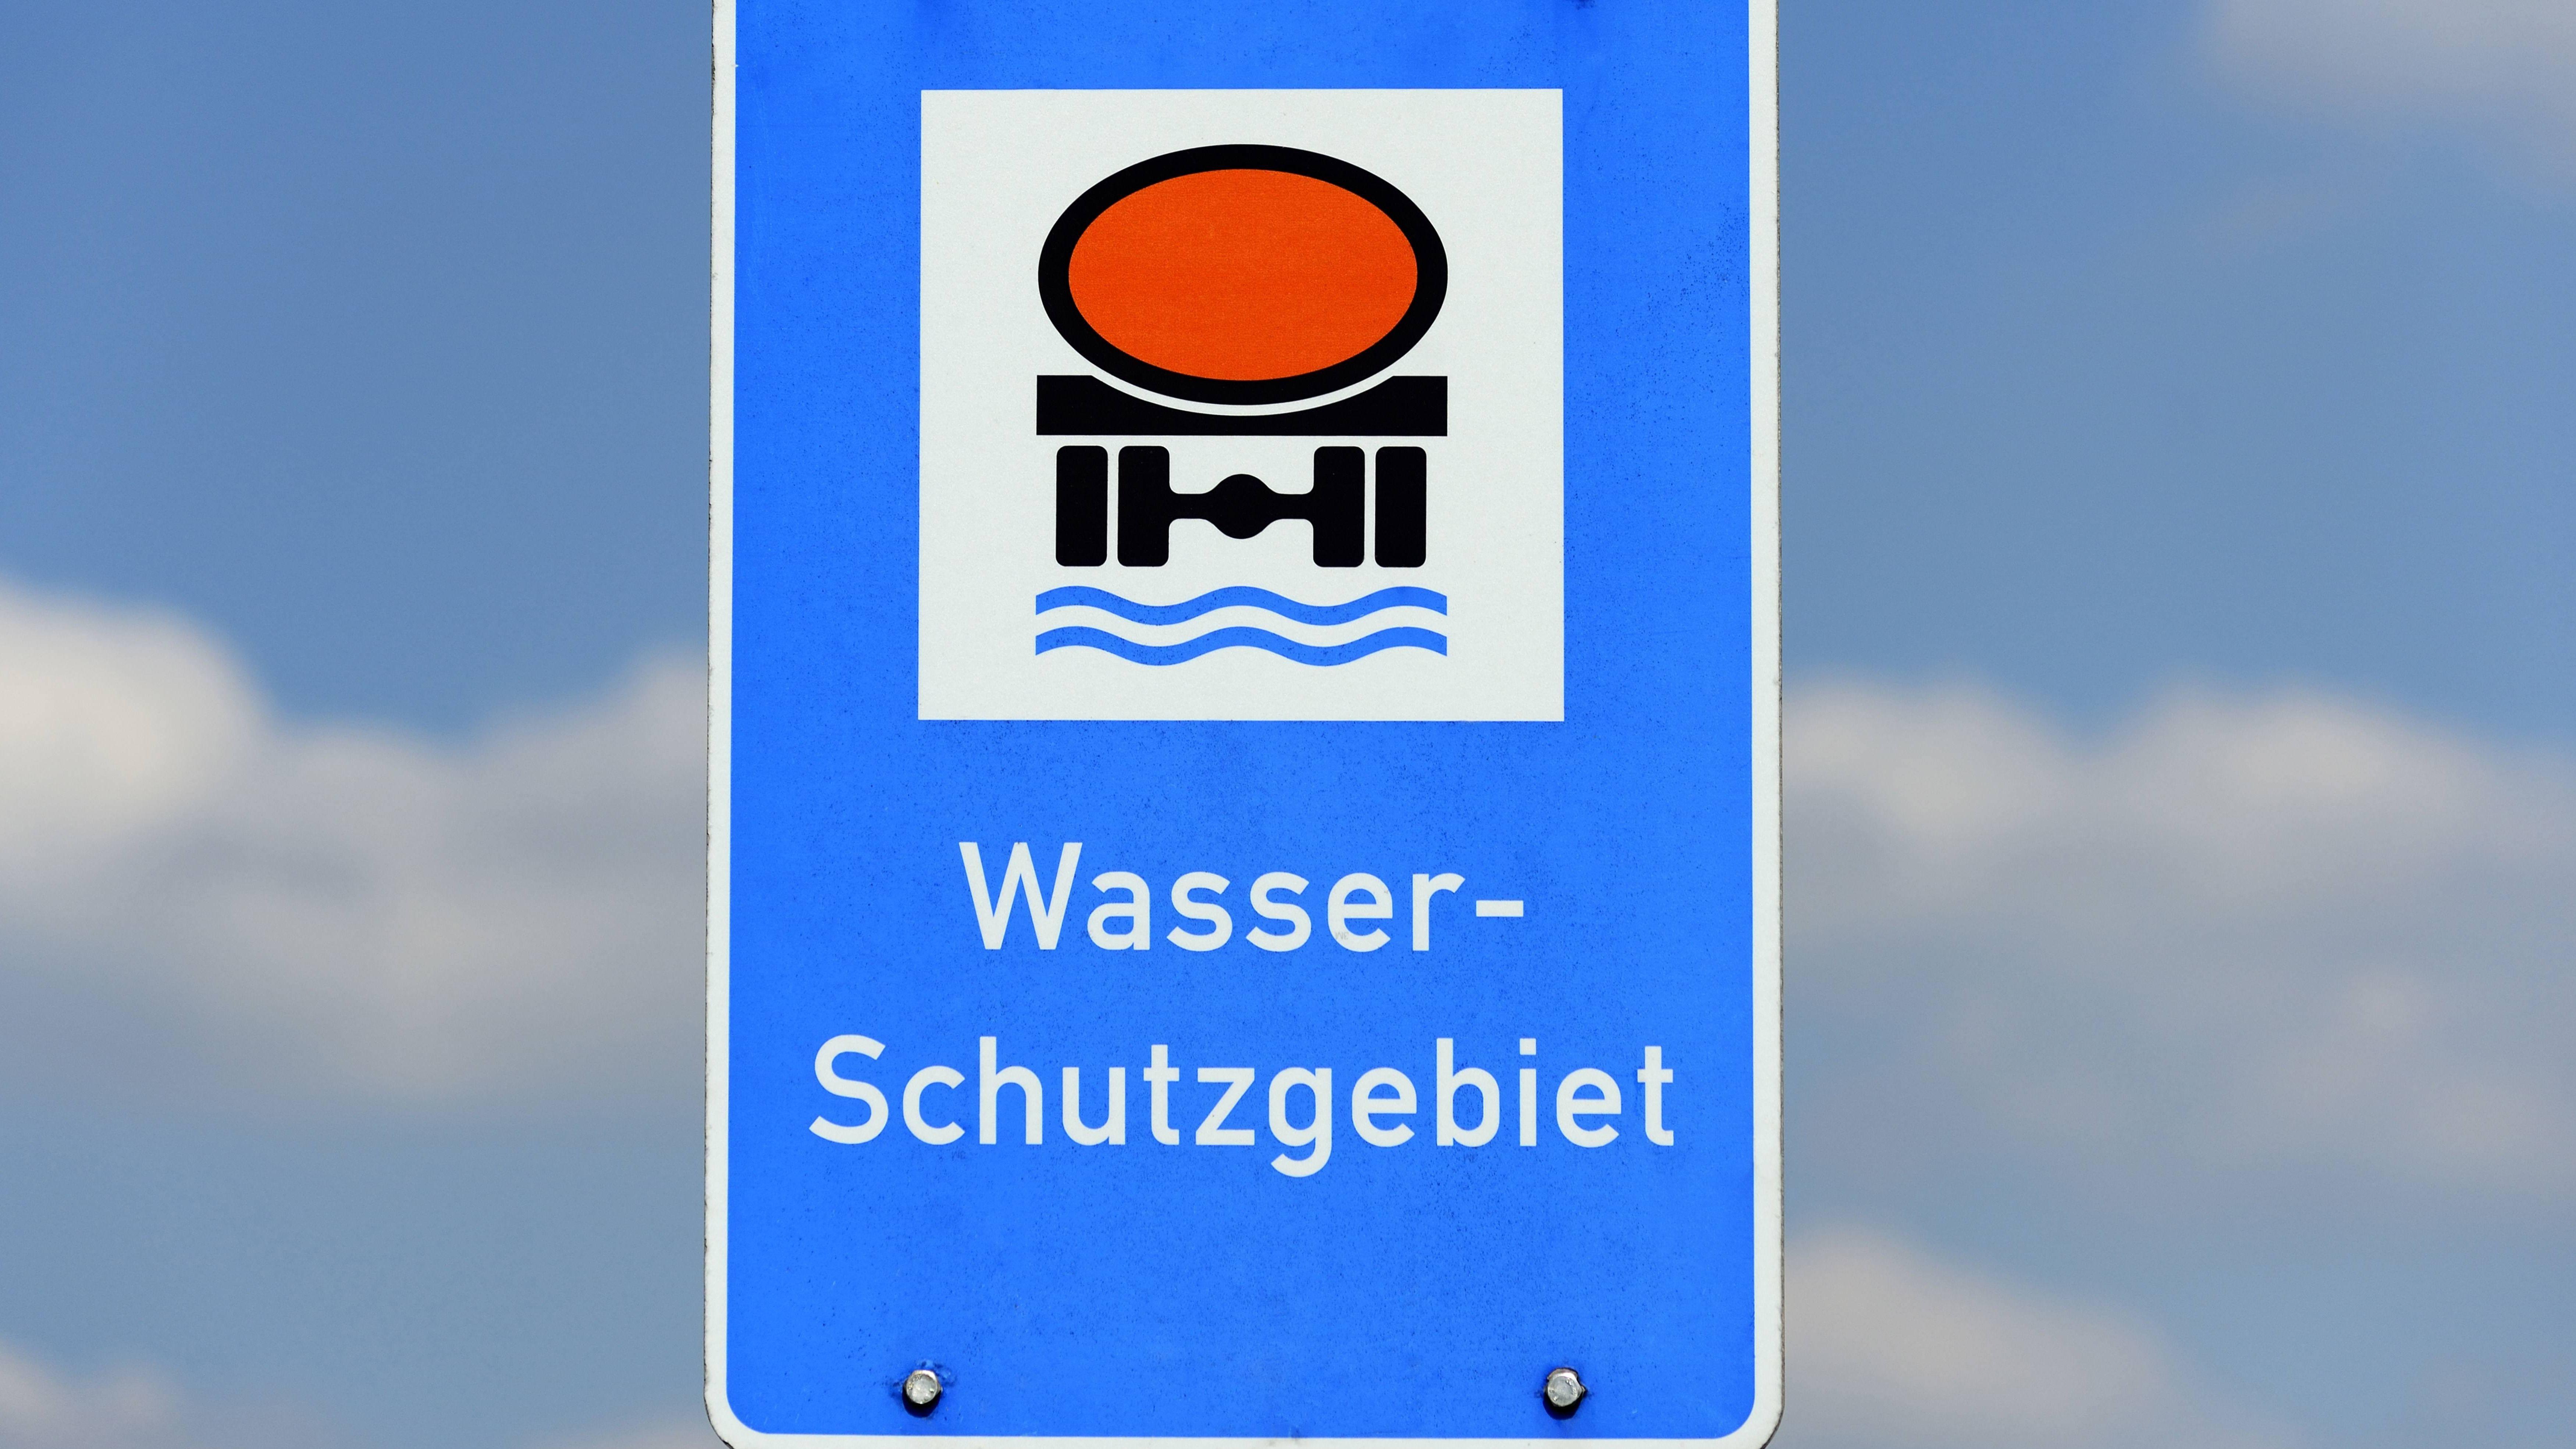 Ein Schild weist auf ein Wasserschutzgebiet hin.